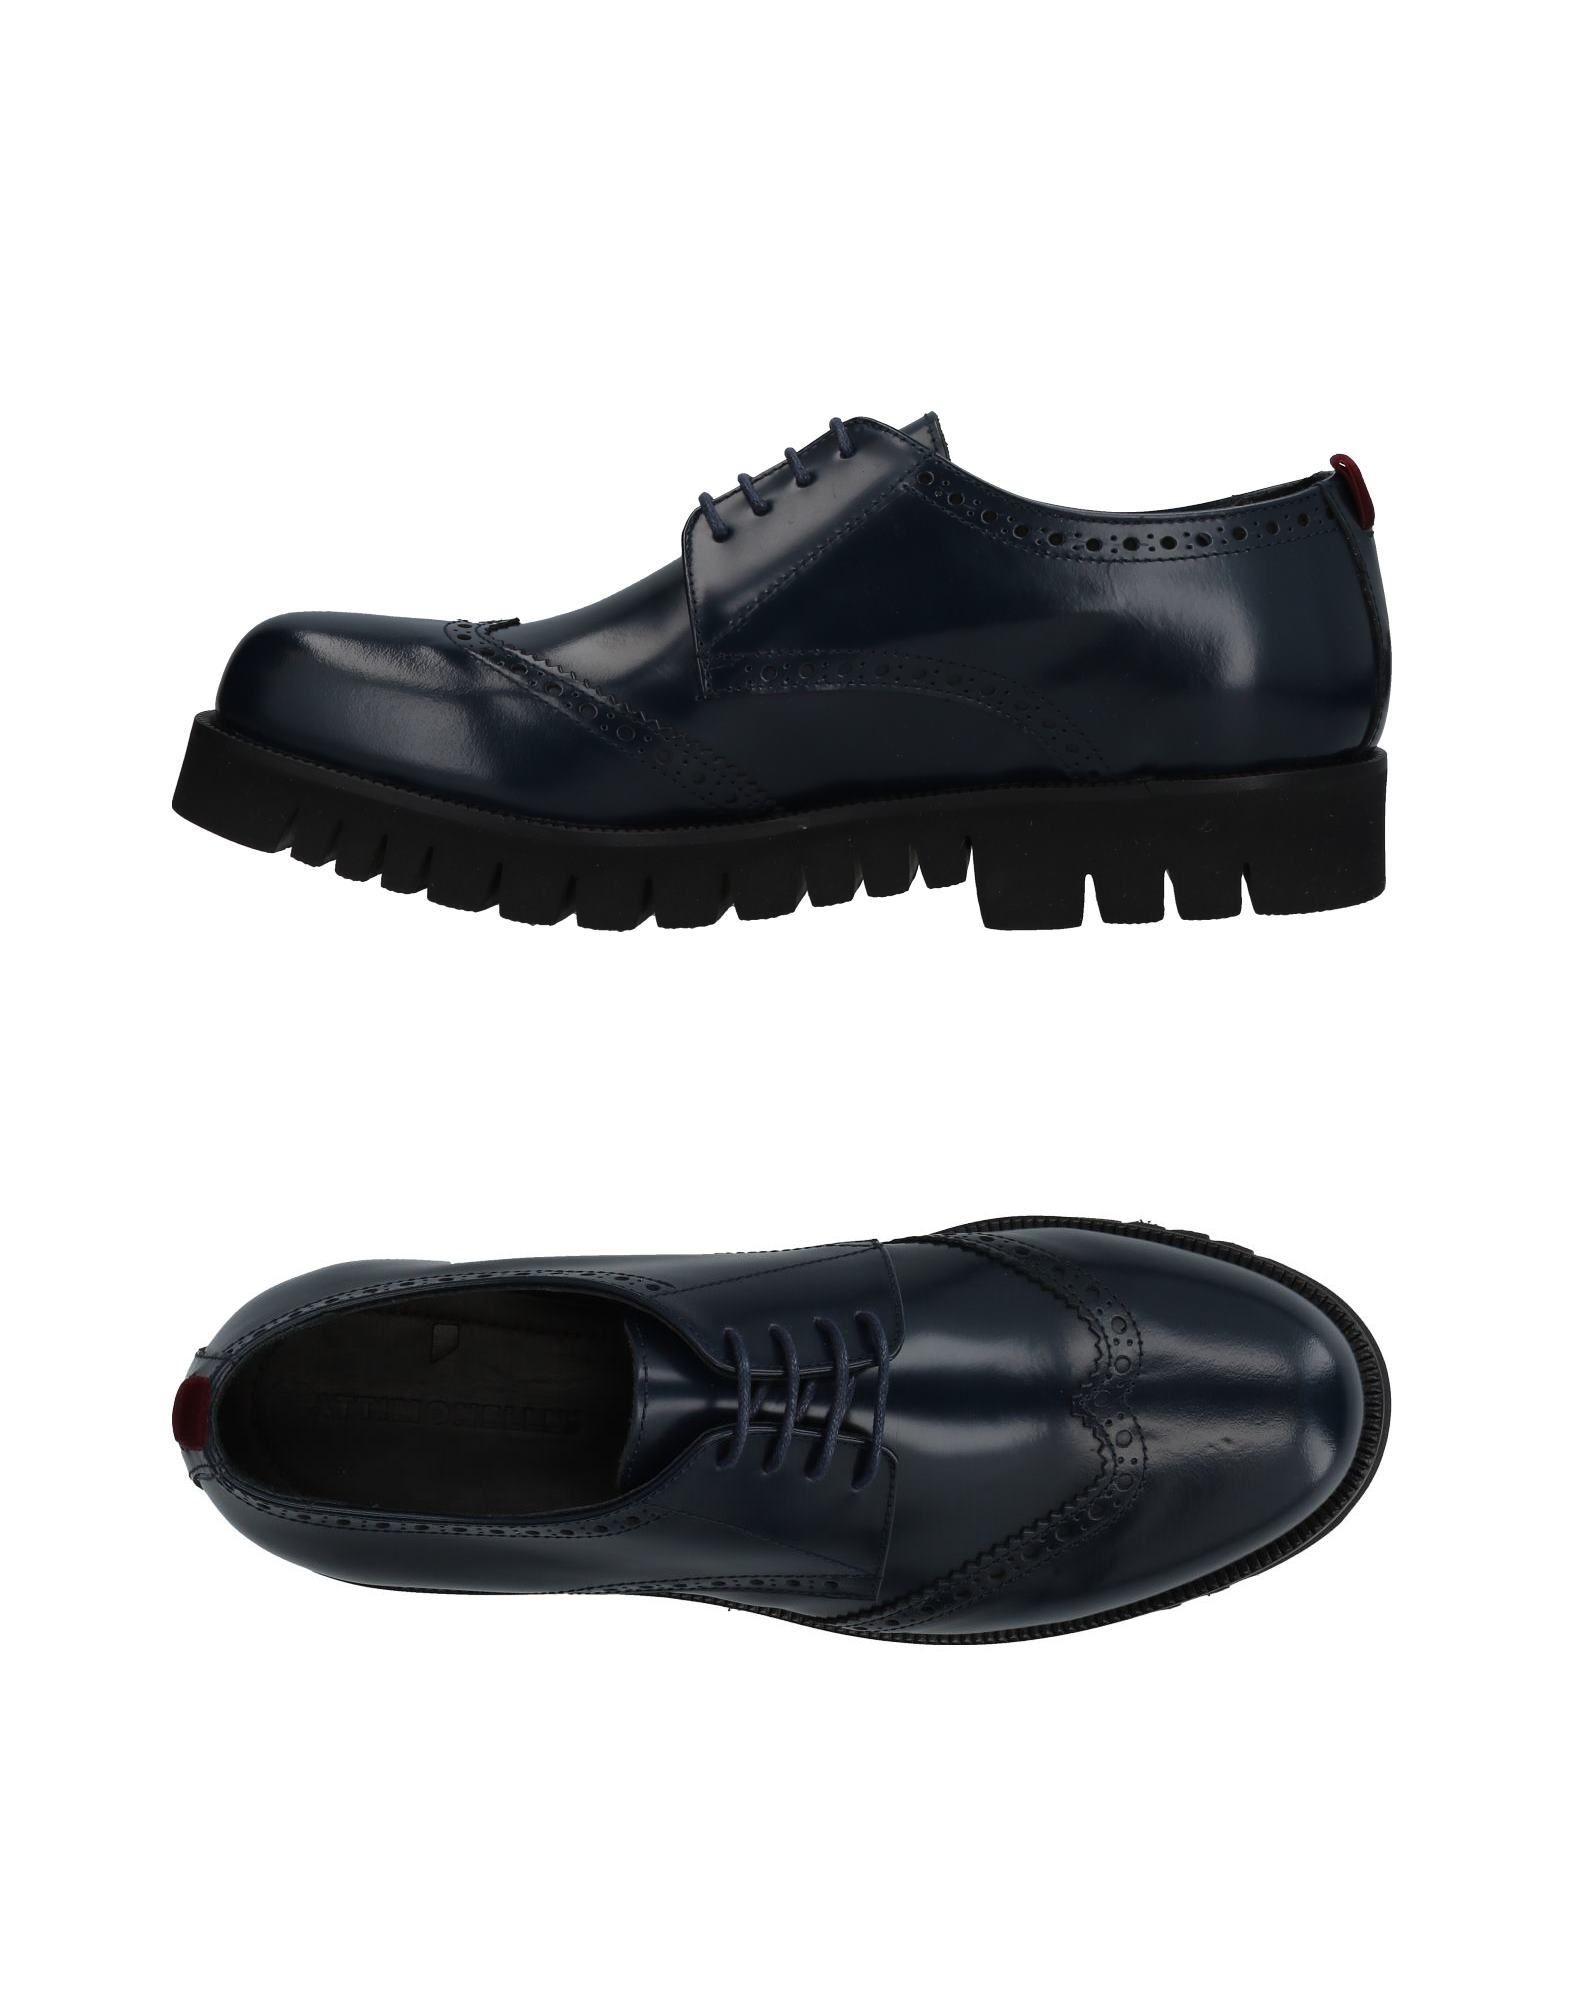 Attimonelli's Schnürschuhe Herren  11447969TH Gute Qualität beliebte Schuhe